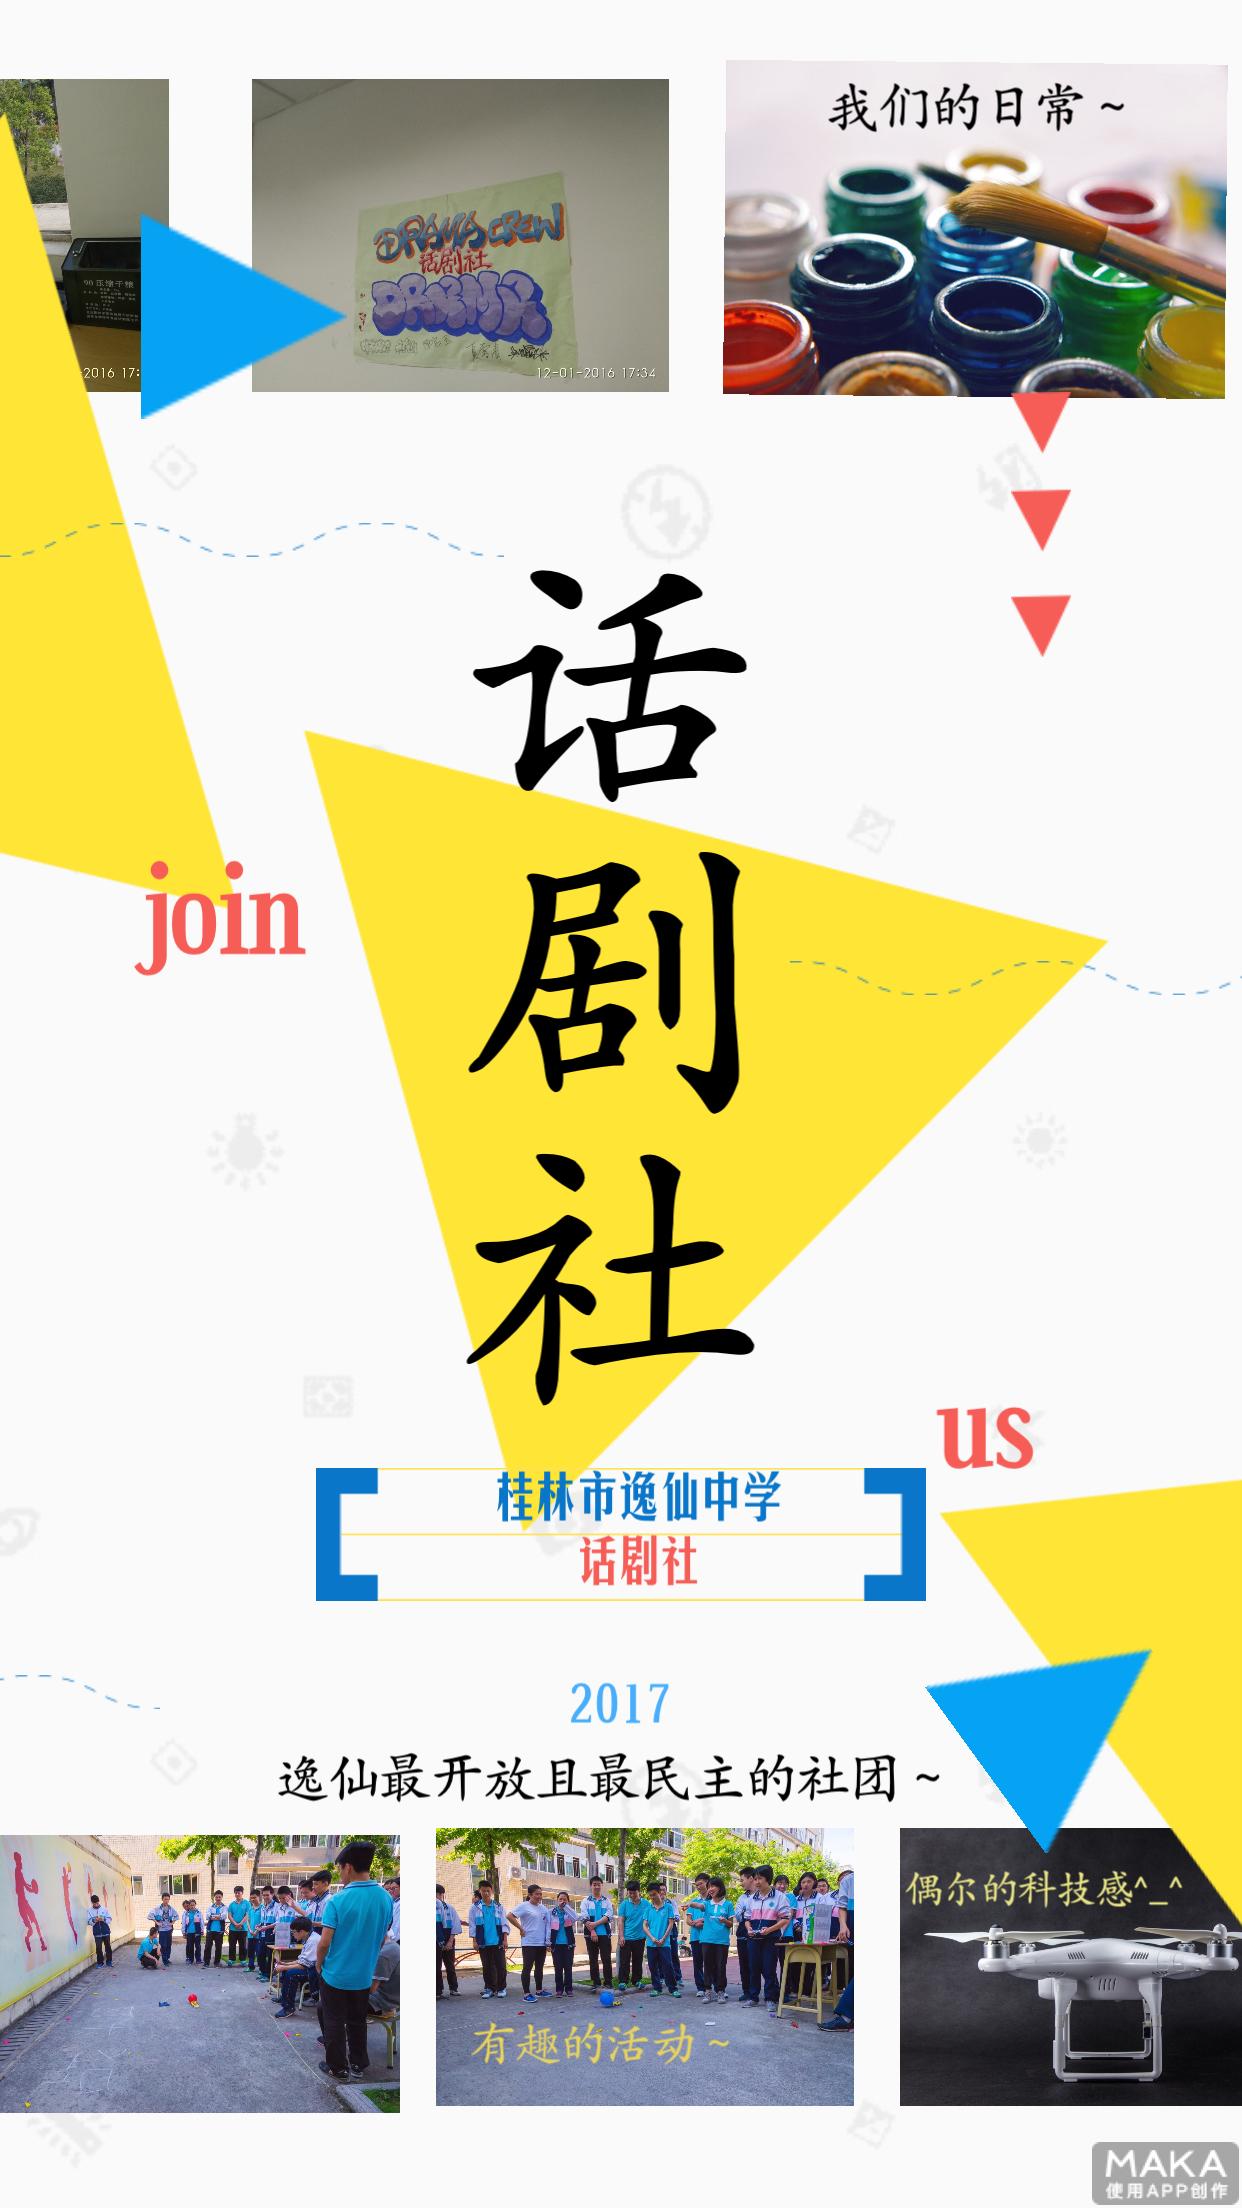 2017 话剧社 逸仙最开放且最民主的社团~ 我们的日常~ 偶尔的科技感